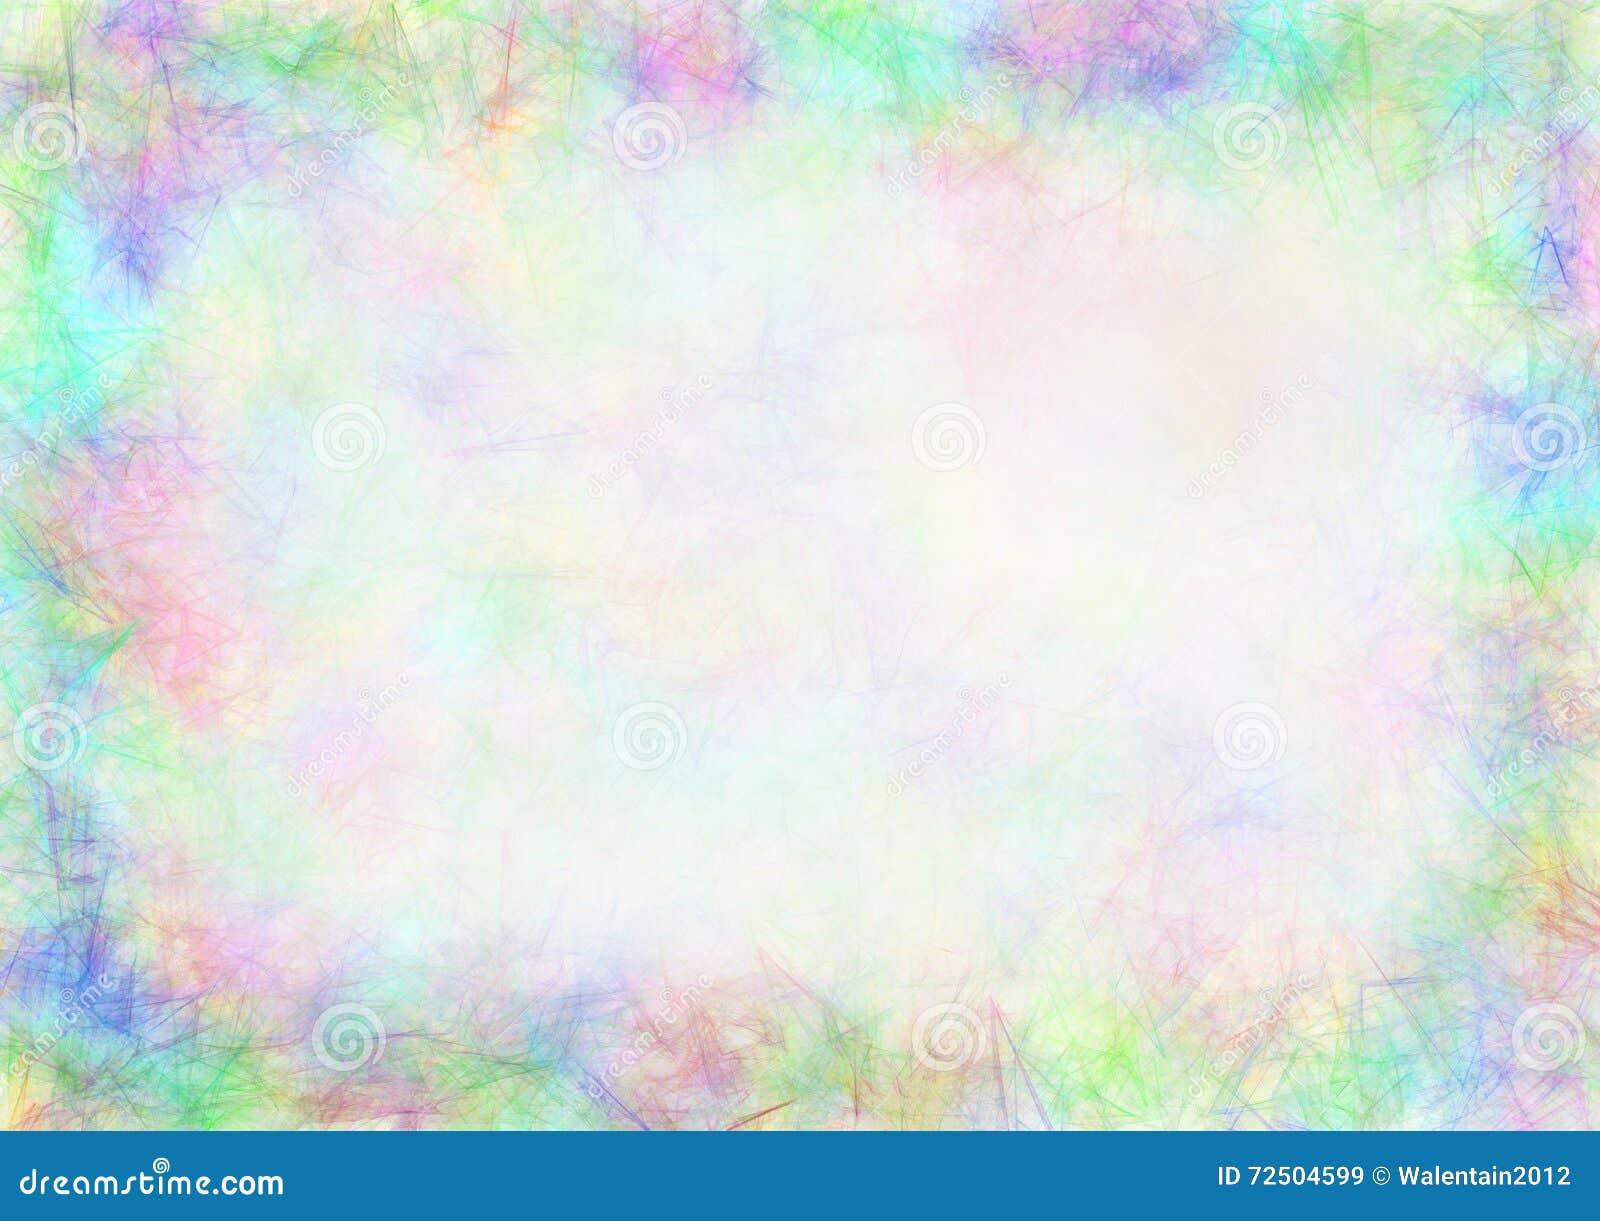 Pastel rysujący textured tło